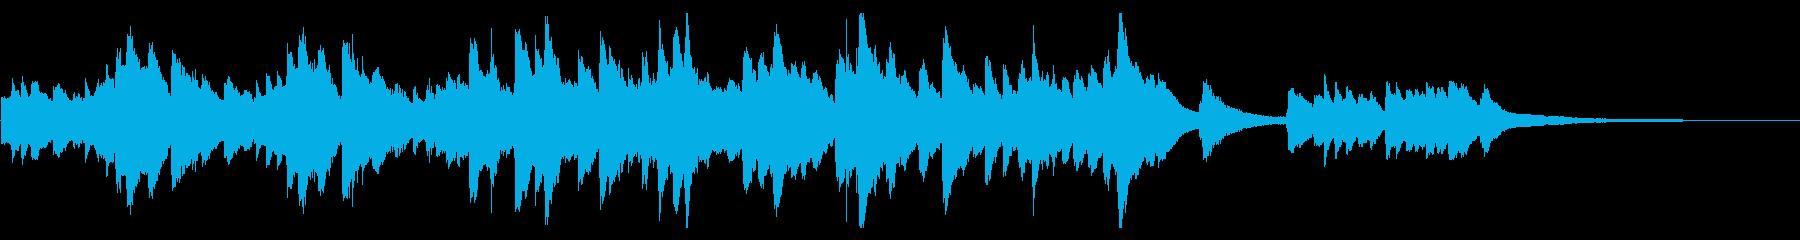 優しい波の中、包まれるようなピアノ曲の再生済みの波形